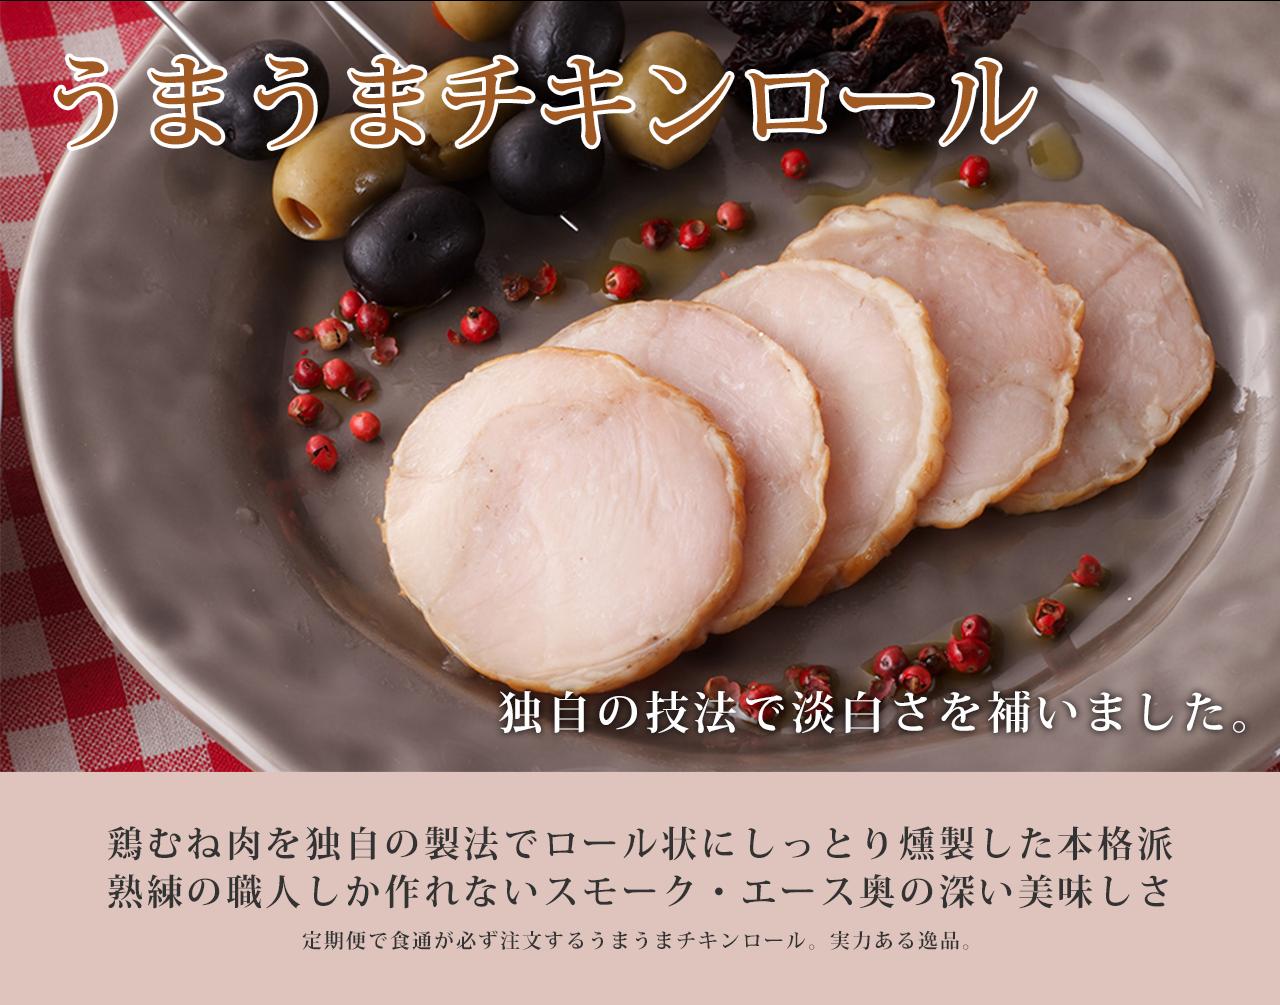 うまうまチキンロール 鶏むね肉を独自の製法でロール状にしっとり燻製した本格派。熟練の職人しか作れないスモーク・エース奥の深い美味しさ